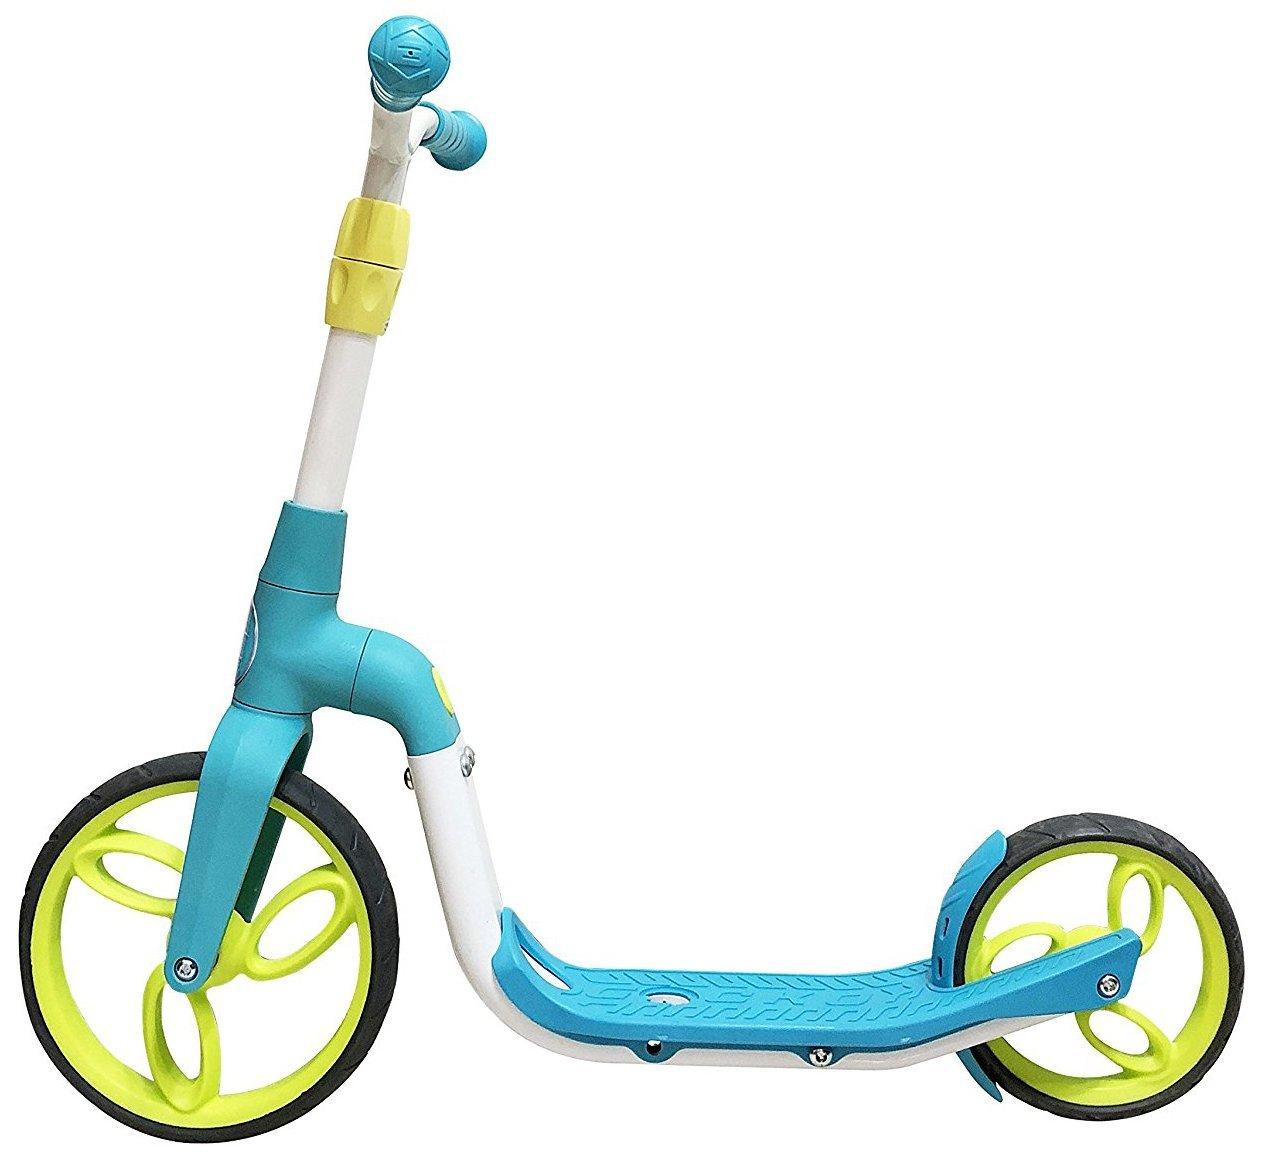 SportPlus - Trottinette 2 en 1 - Adapté e pour les jeunes Enfants en tant que Vé lo sans Pé dale - Adapté e pour les plus Grands en tant que Trottinette - Longue Duré e de vie et Ré sistante - Plusieurs Coloris dis